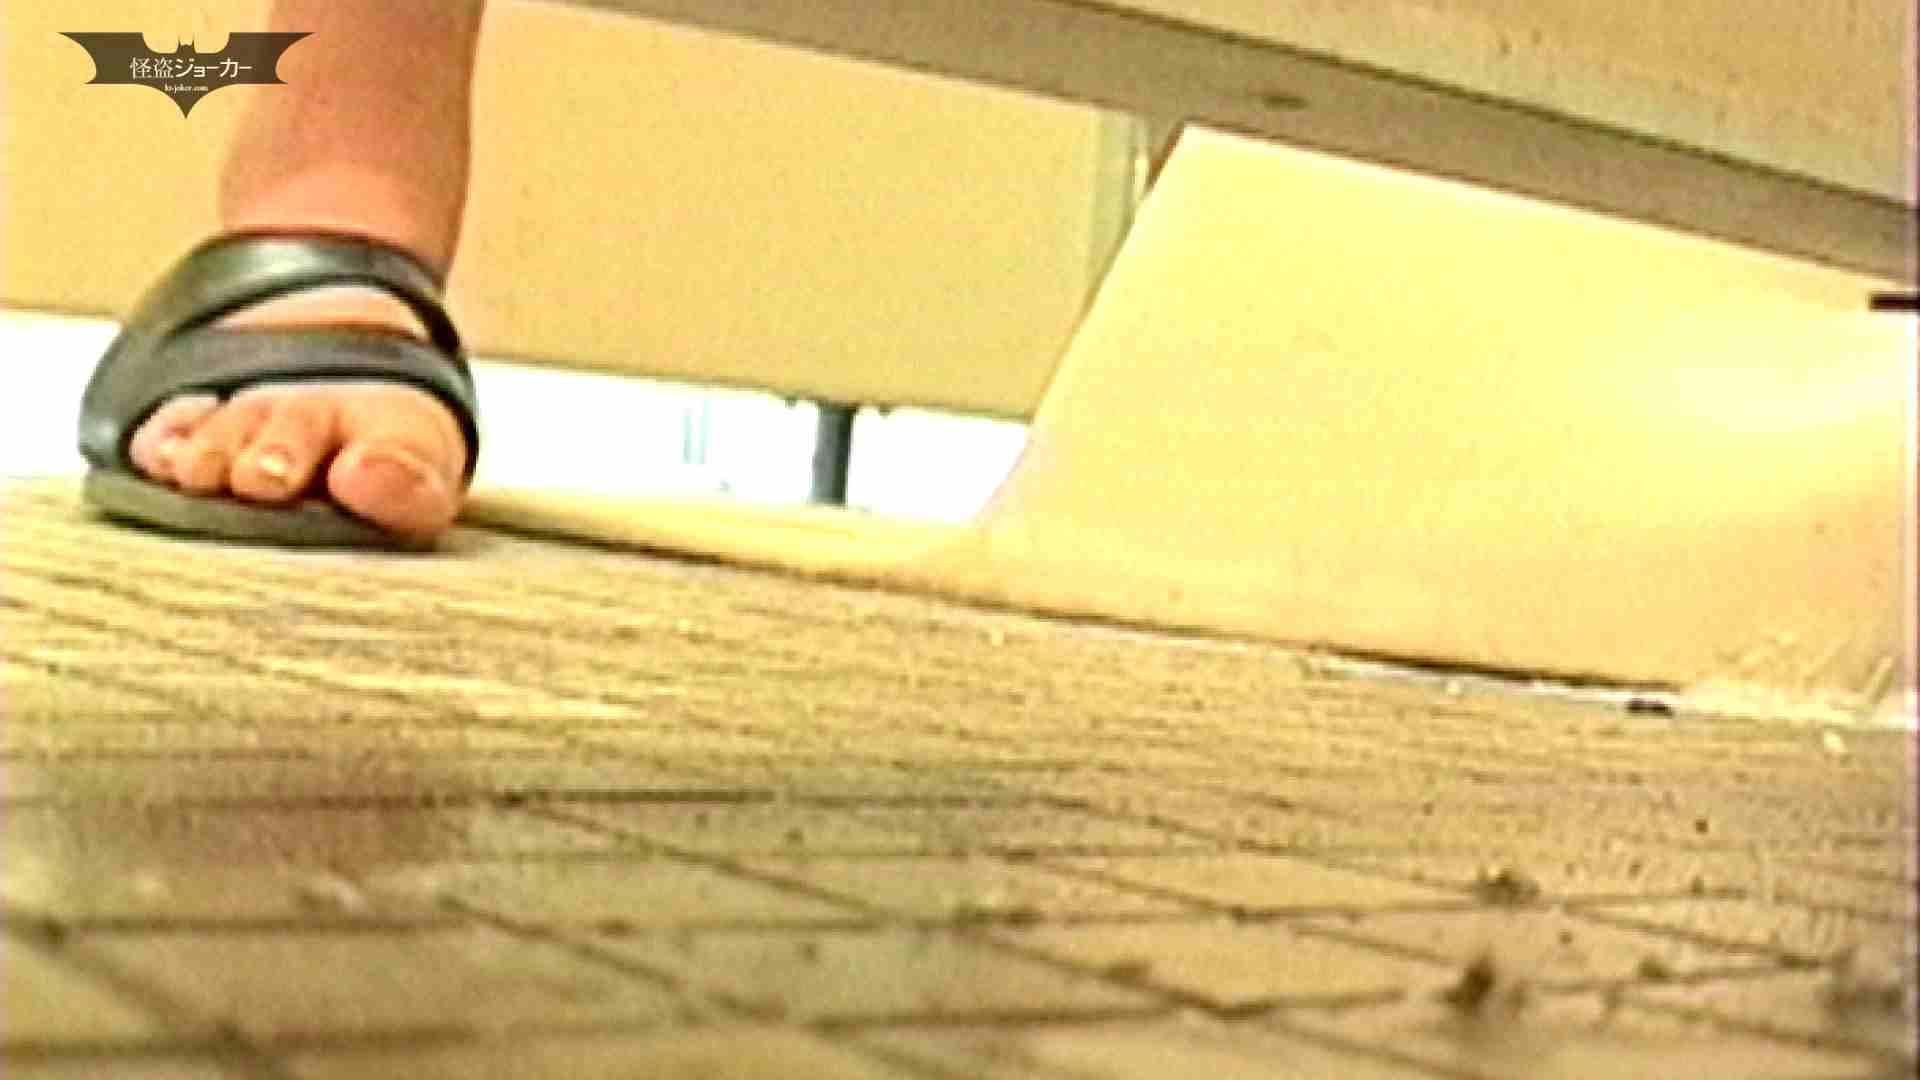 女の子の休み時間のひととき Vol.06 盗撮編 オマンコ無修正動画無料 106枚 53